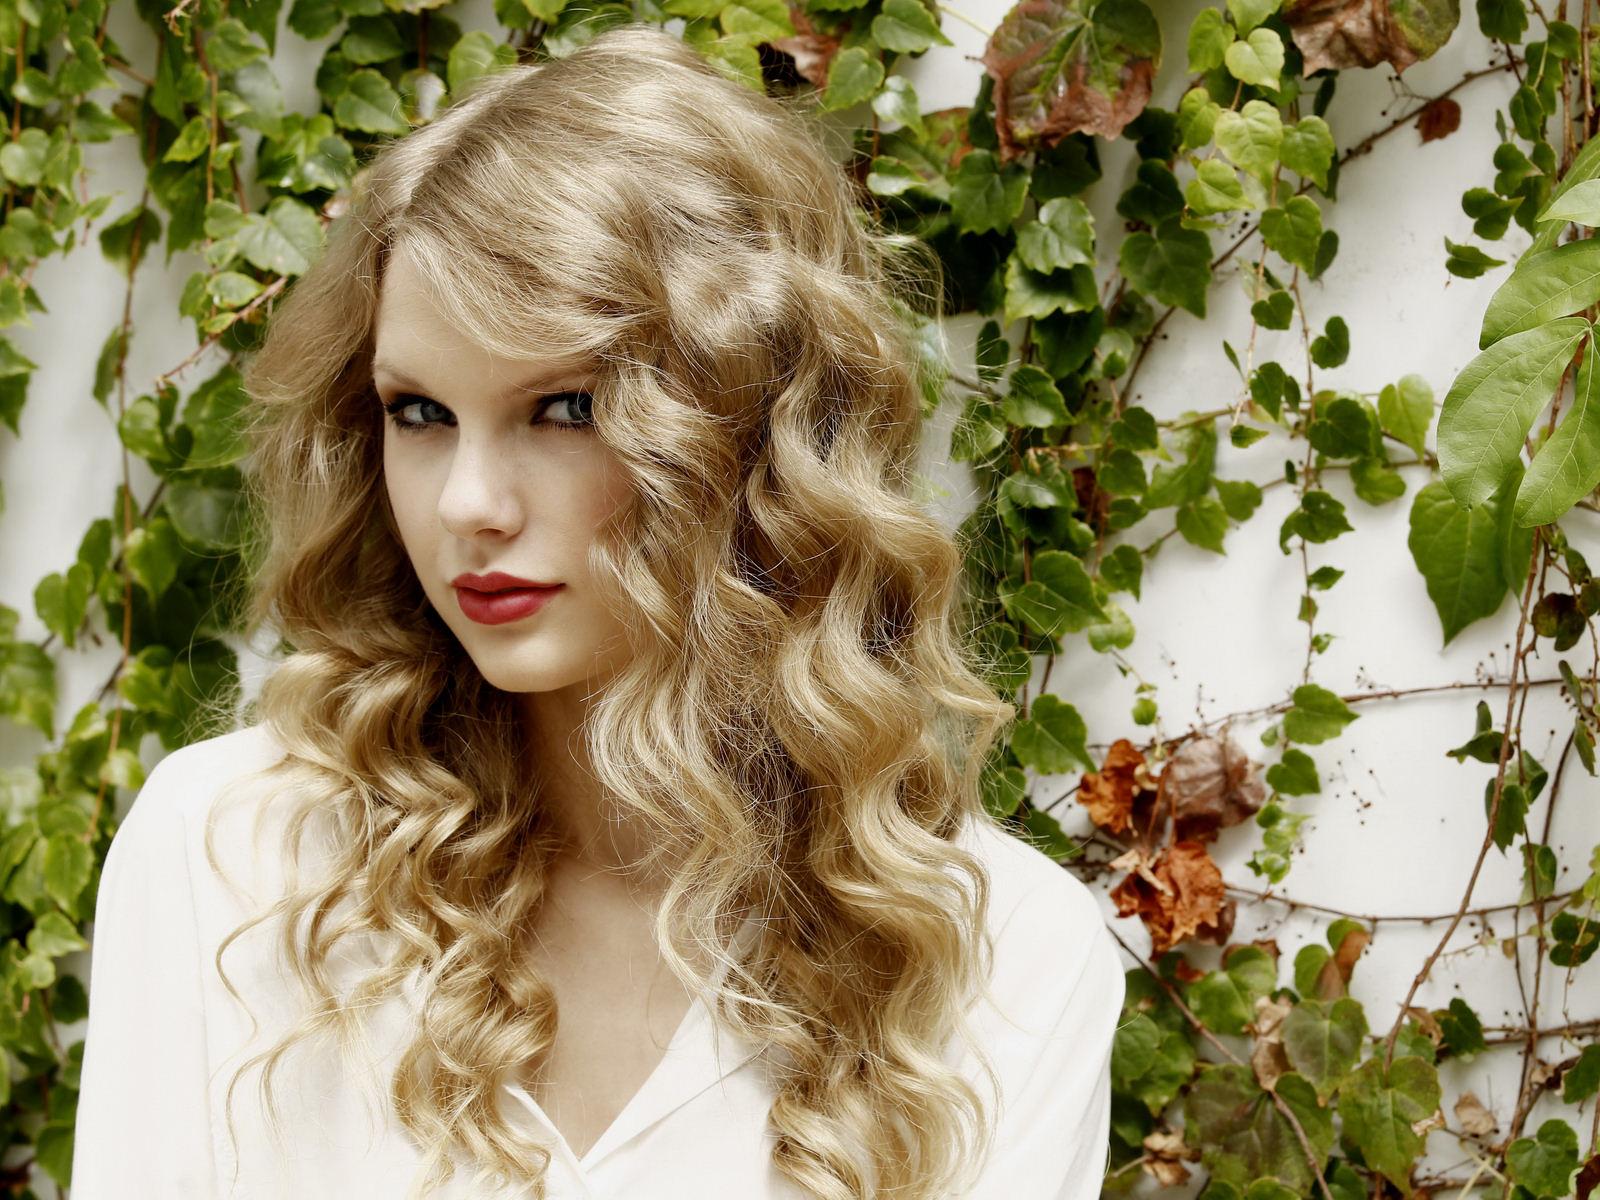 http://1.bp.blogspot.com/-dt9Od1Wzhho/UKO7gCtwuvI/AAAAAAAAFkQ/9imcpmBgLY0/s1600/Taylor-Swift-008-1600x1200%5B1%5D.jpg